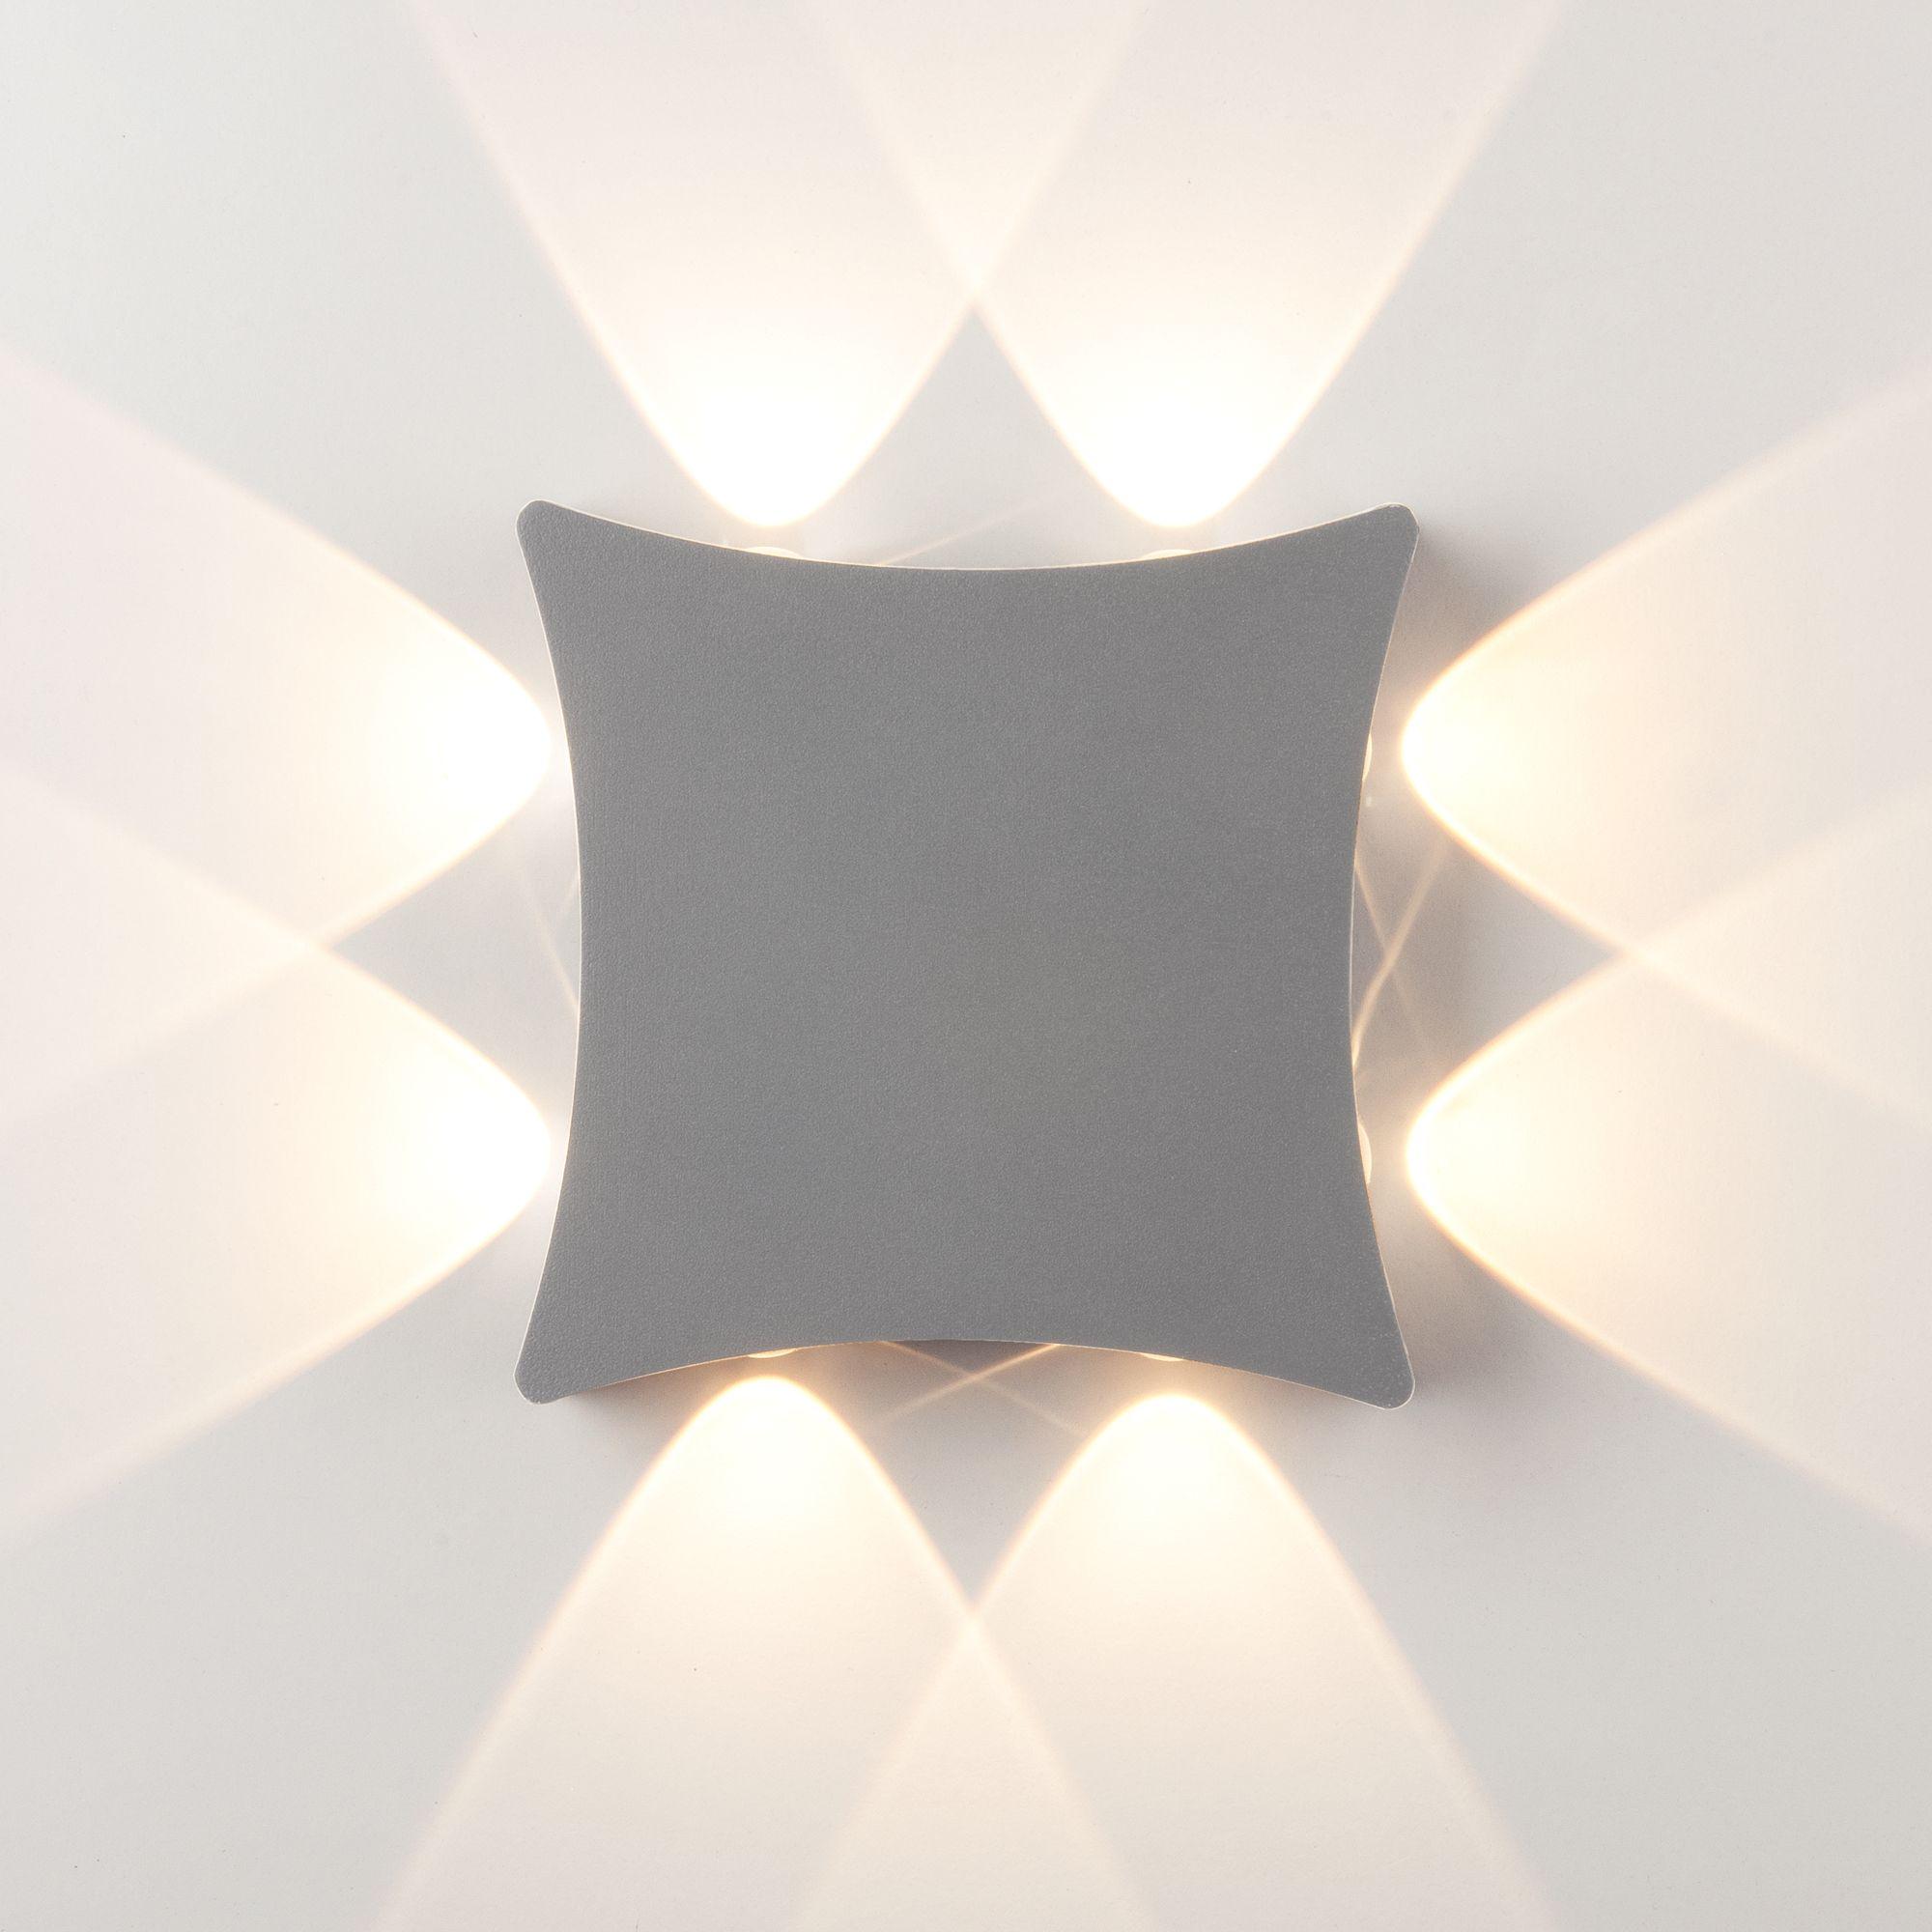 Уличный настенный светодиодный светильник 1631 TECHNO LED серый 1631 TECHNO LED серый